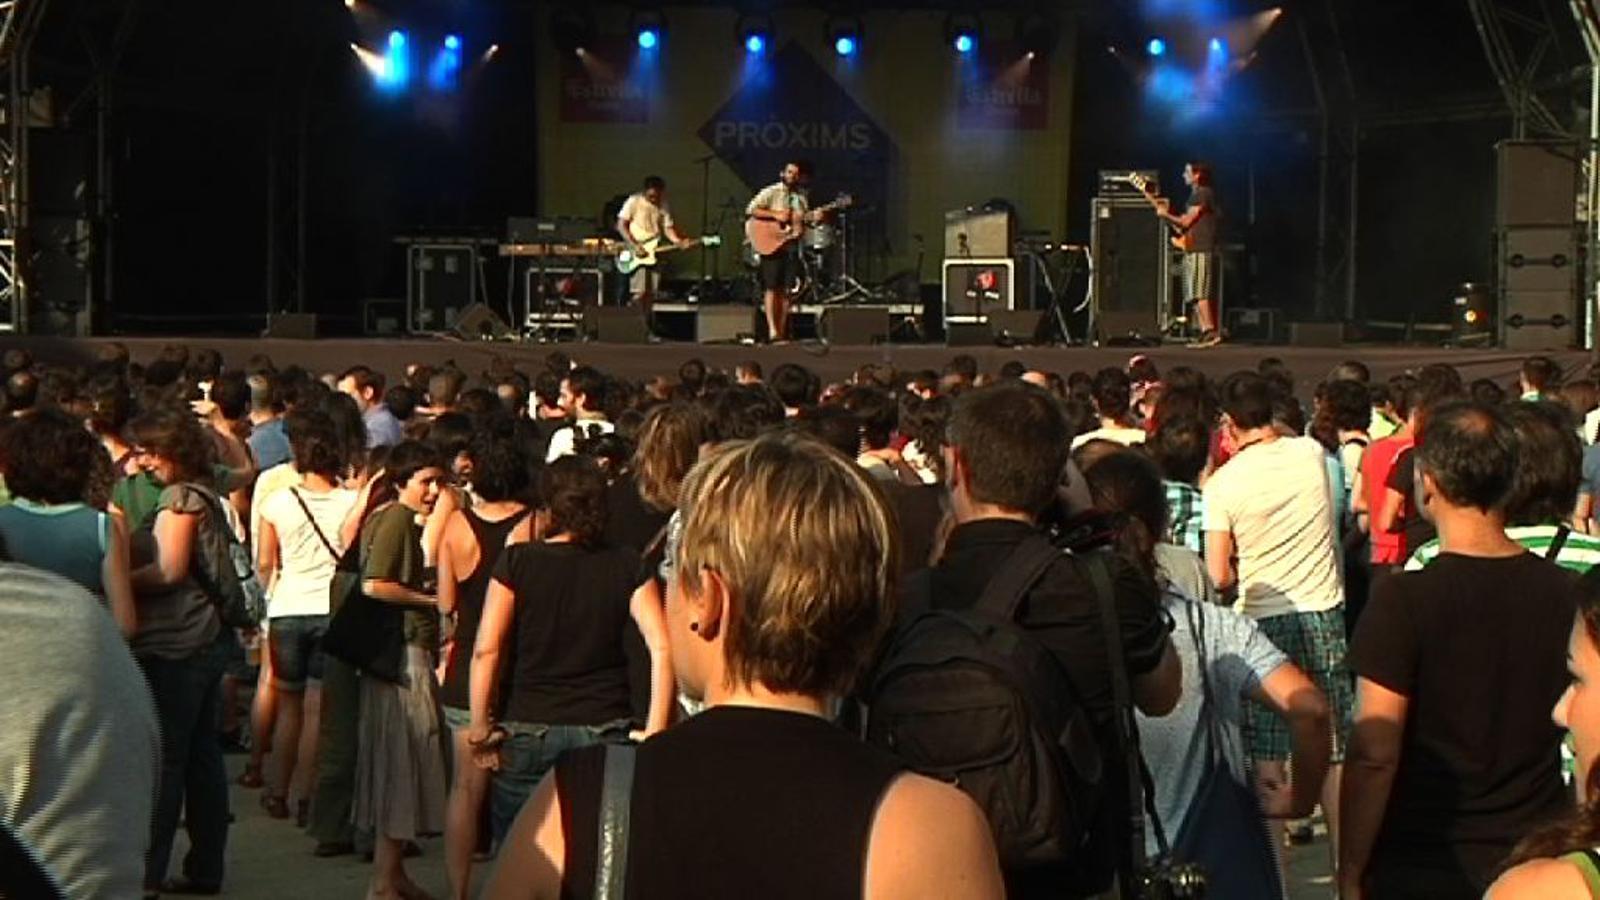 ARA Emprèn: Engegar un nou festival de música és possible